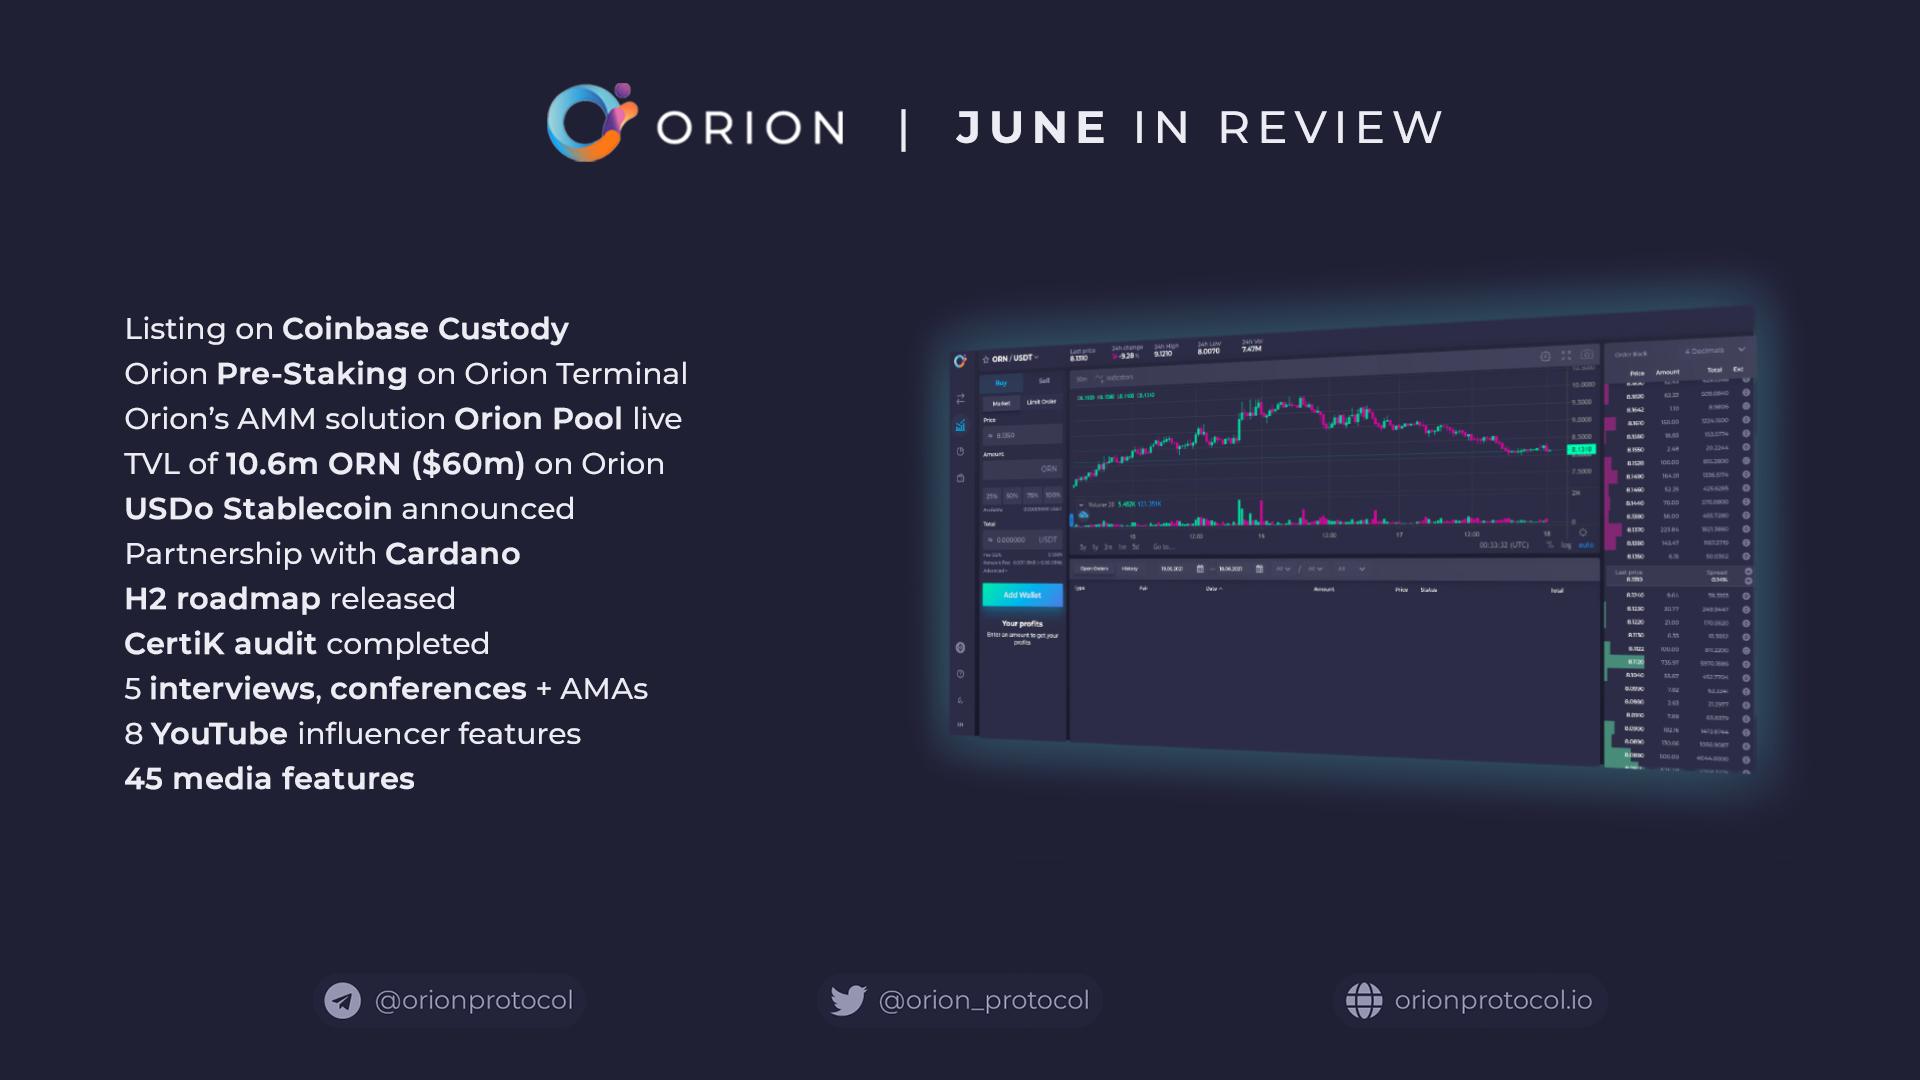 Orion Protocol: June 2021